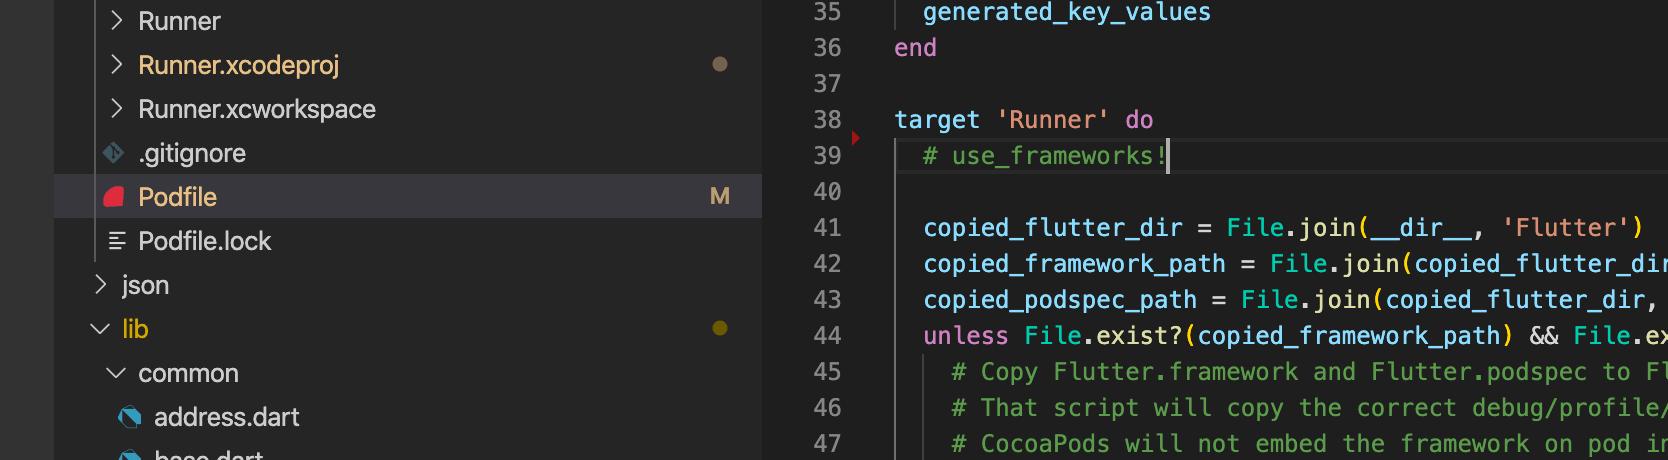 你有没有遇到 use_frameworks! 尴尬的局面? podfile 加也不是,不加也不是,求解。